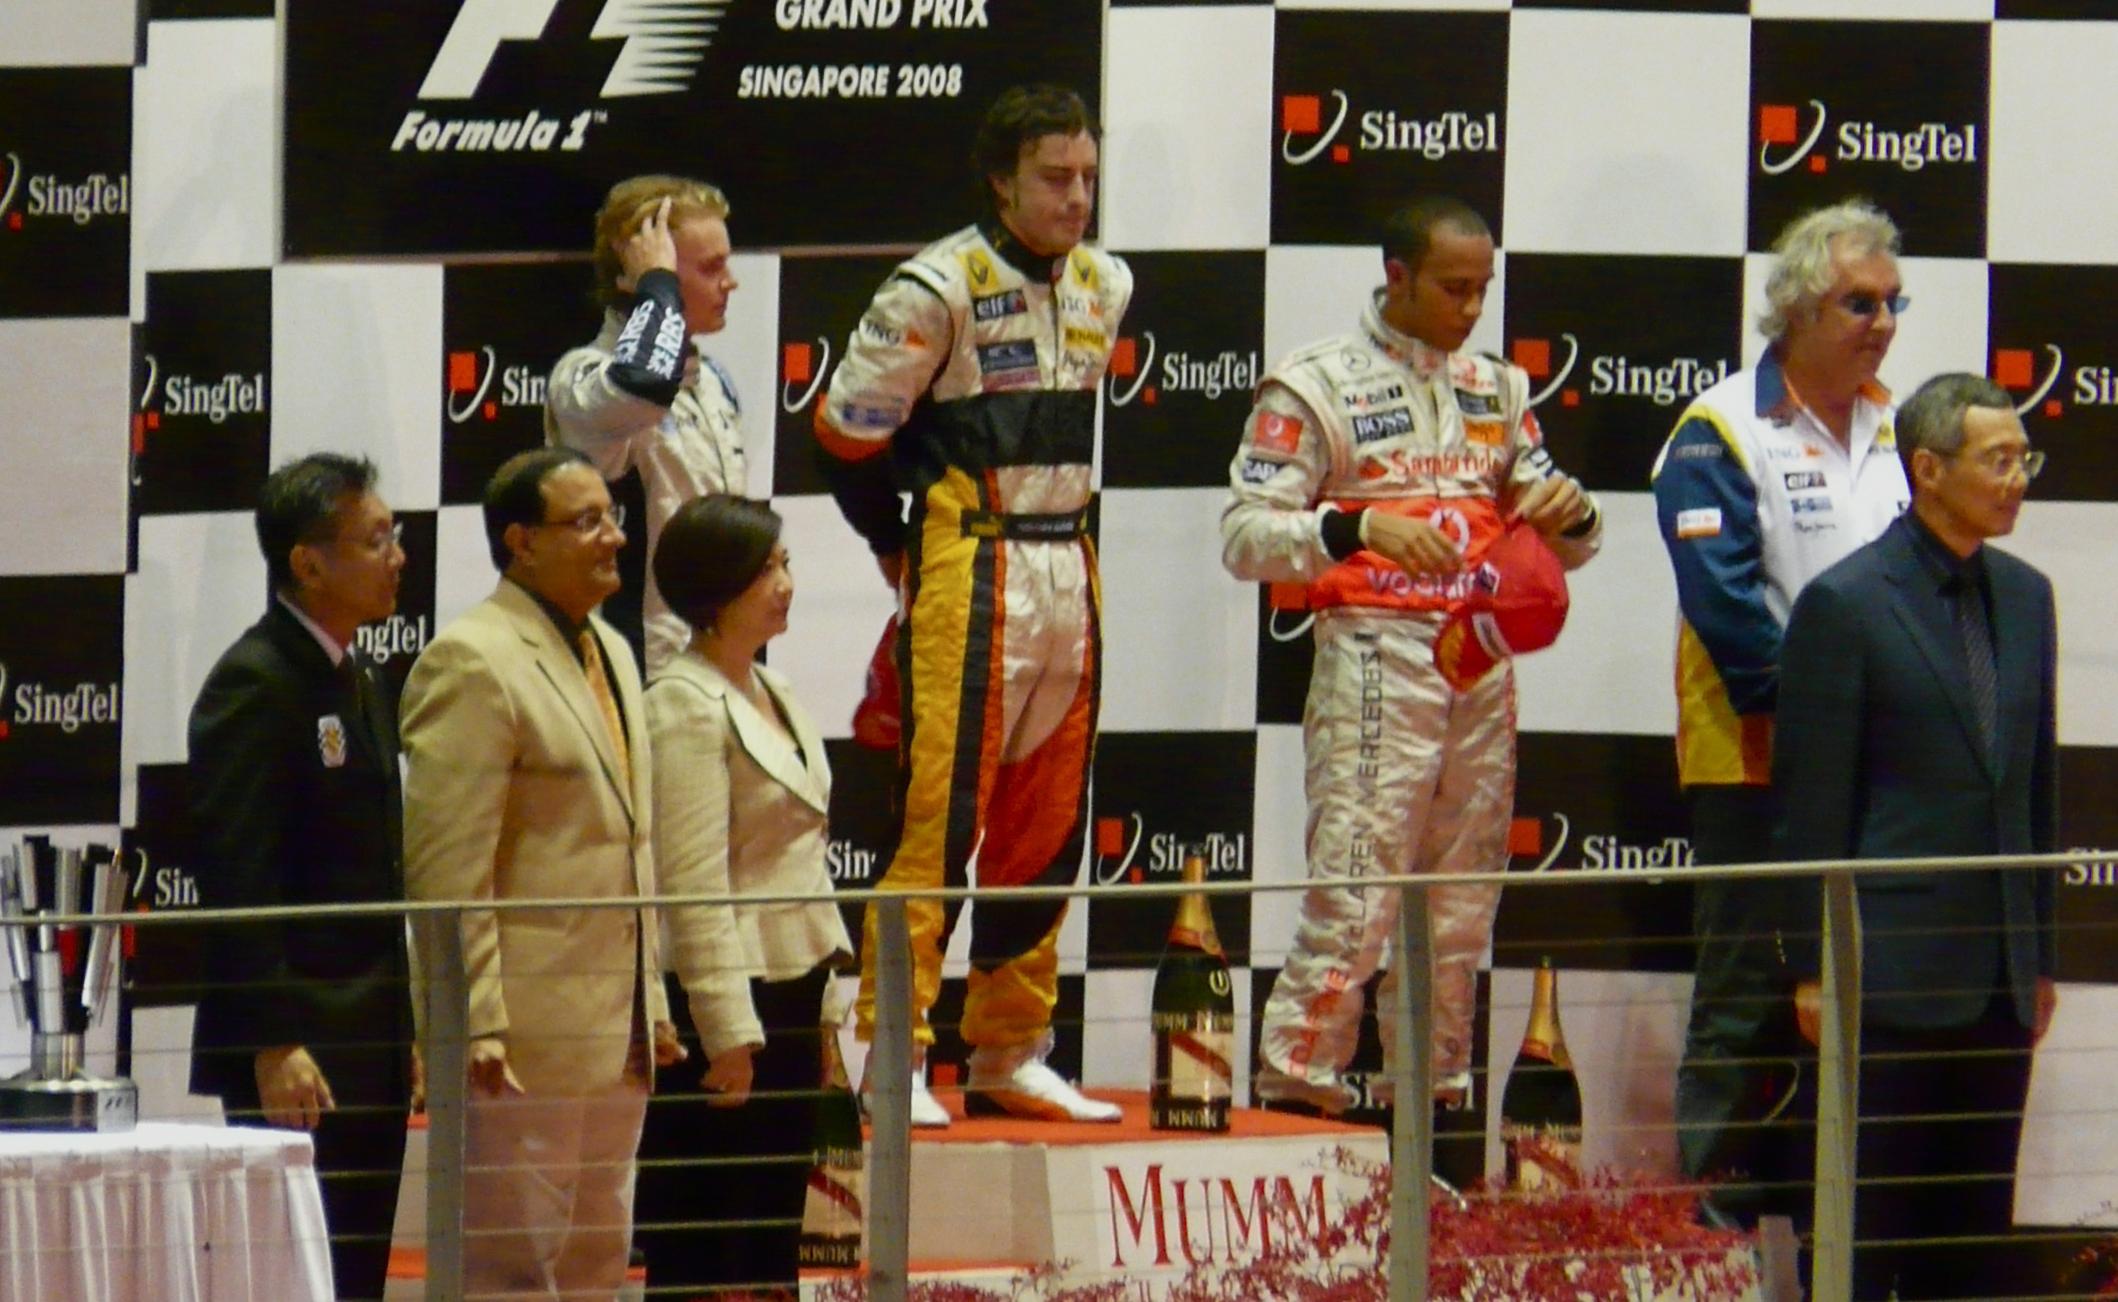 F1 | Singapore 2008: la Ferrari perde il titolo e il circus la faccia